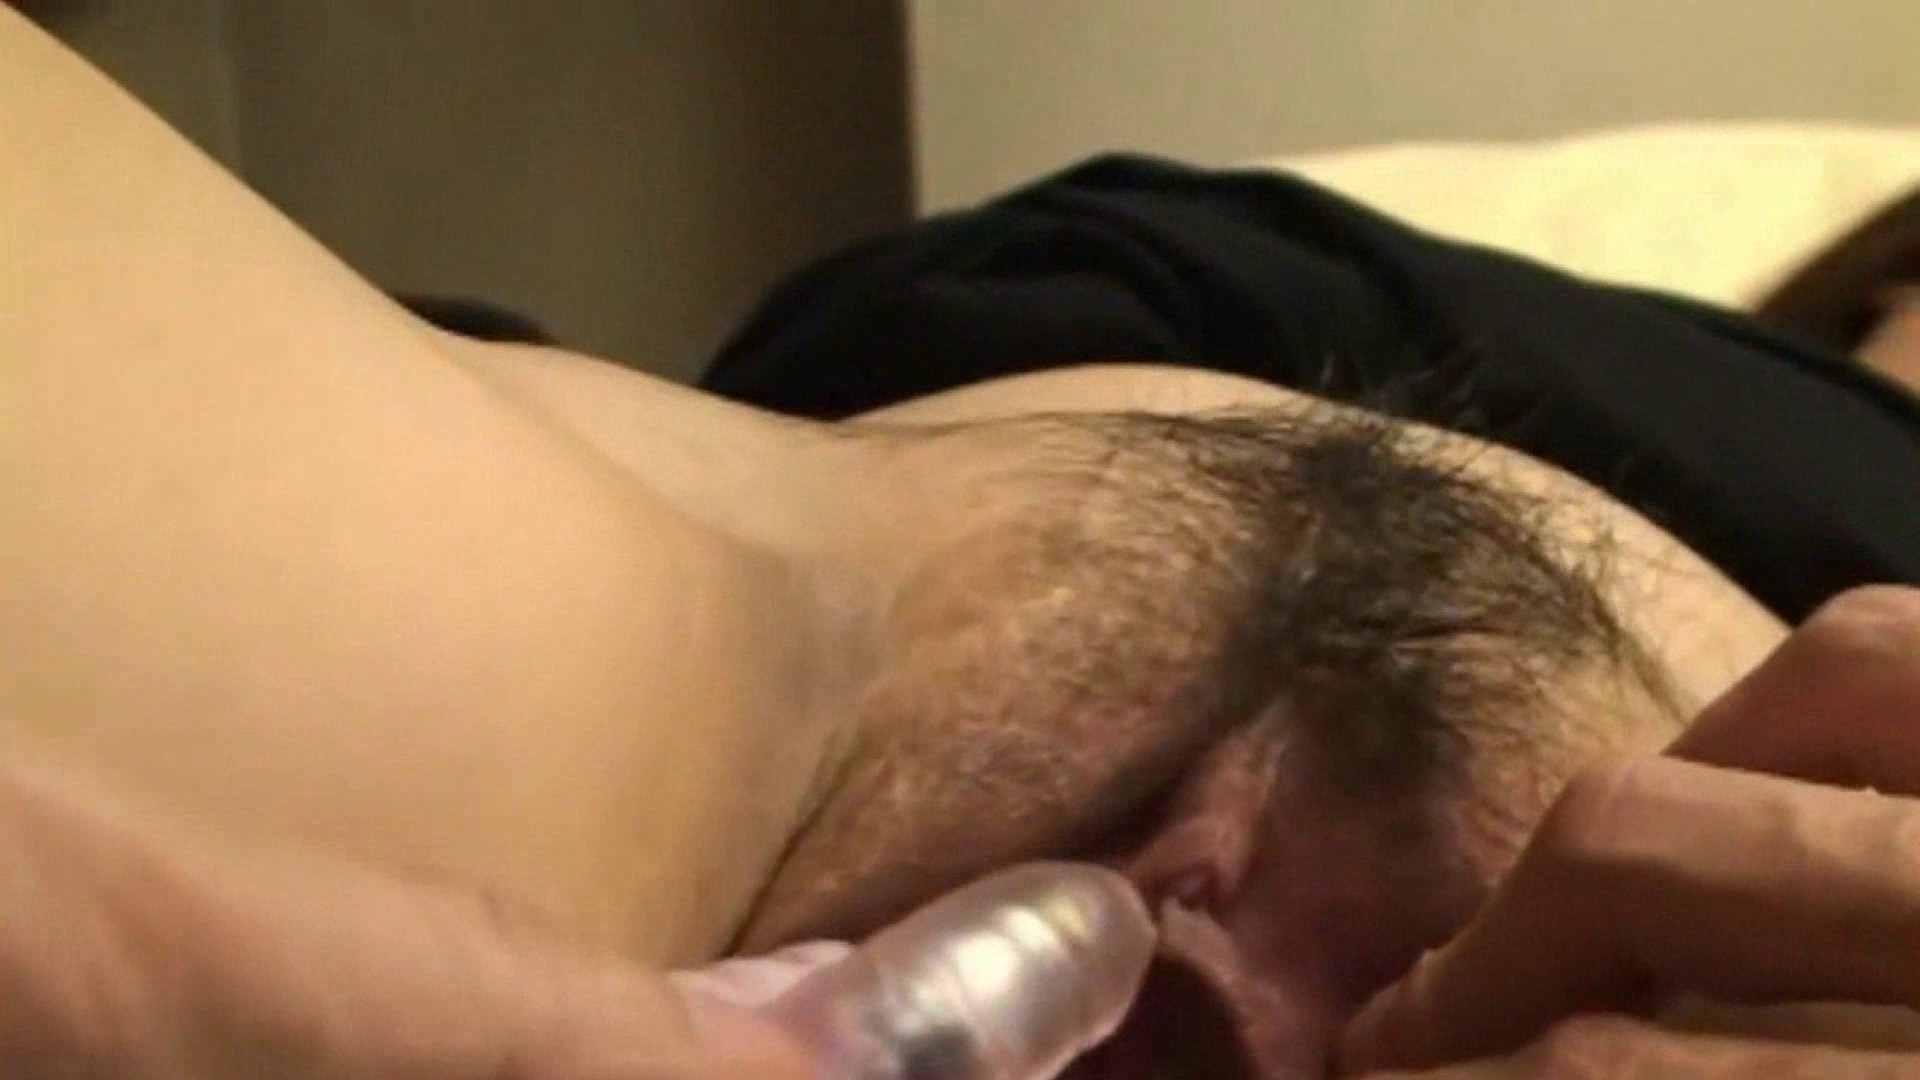 素人S級美女特選!小悪魔ギャル噂のビッチガールVol.15 エッチな人妻 AV動画キャプチャ 74pic 33